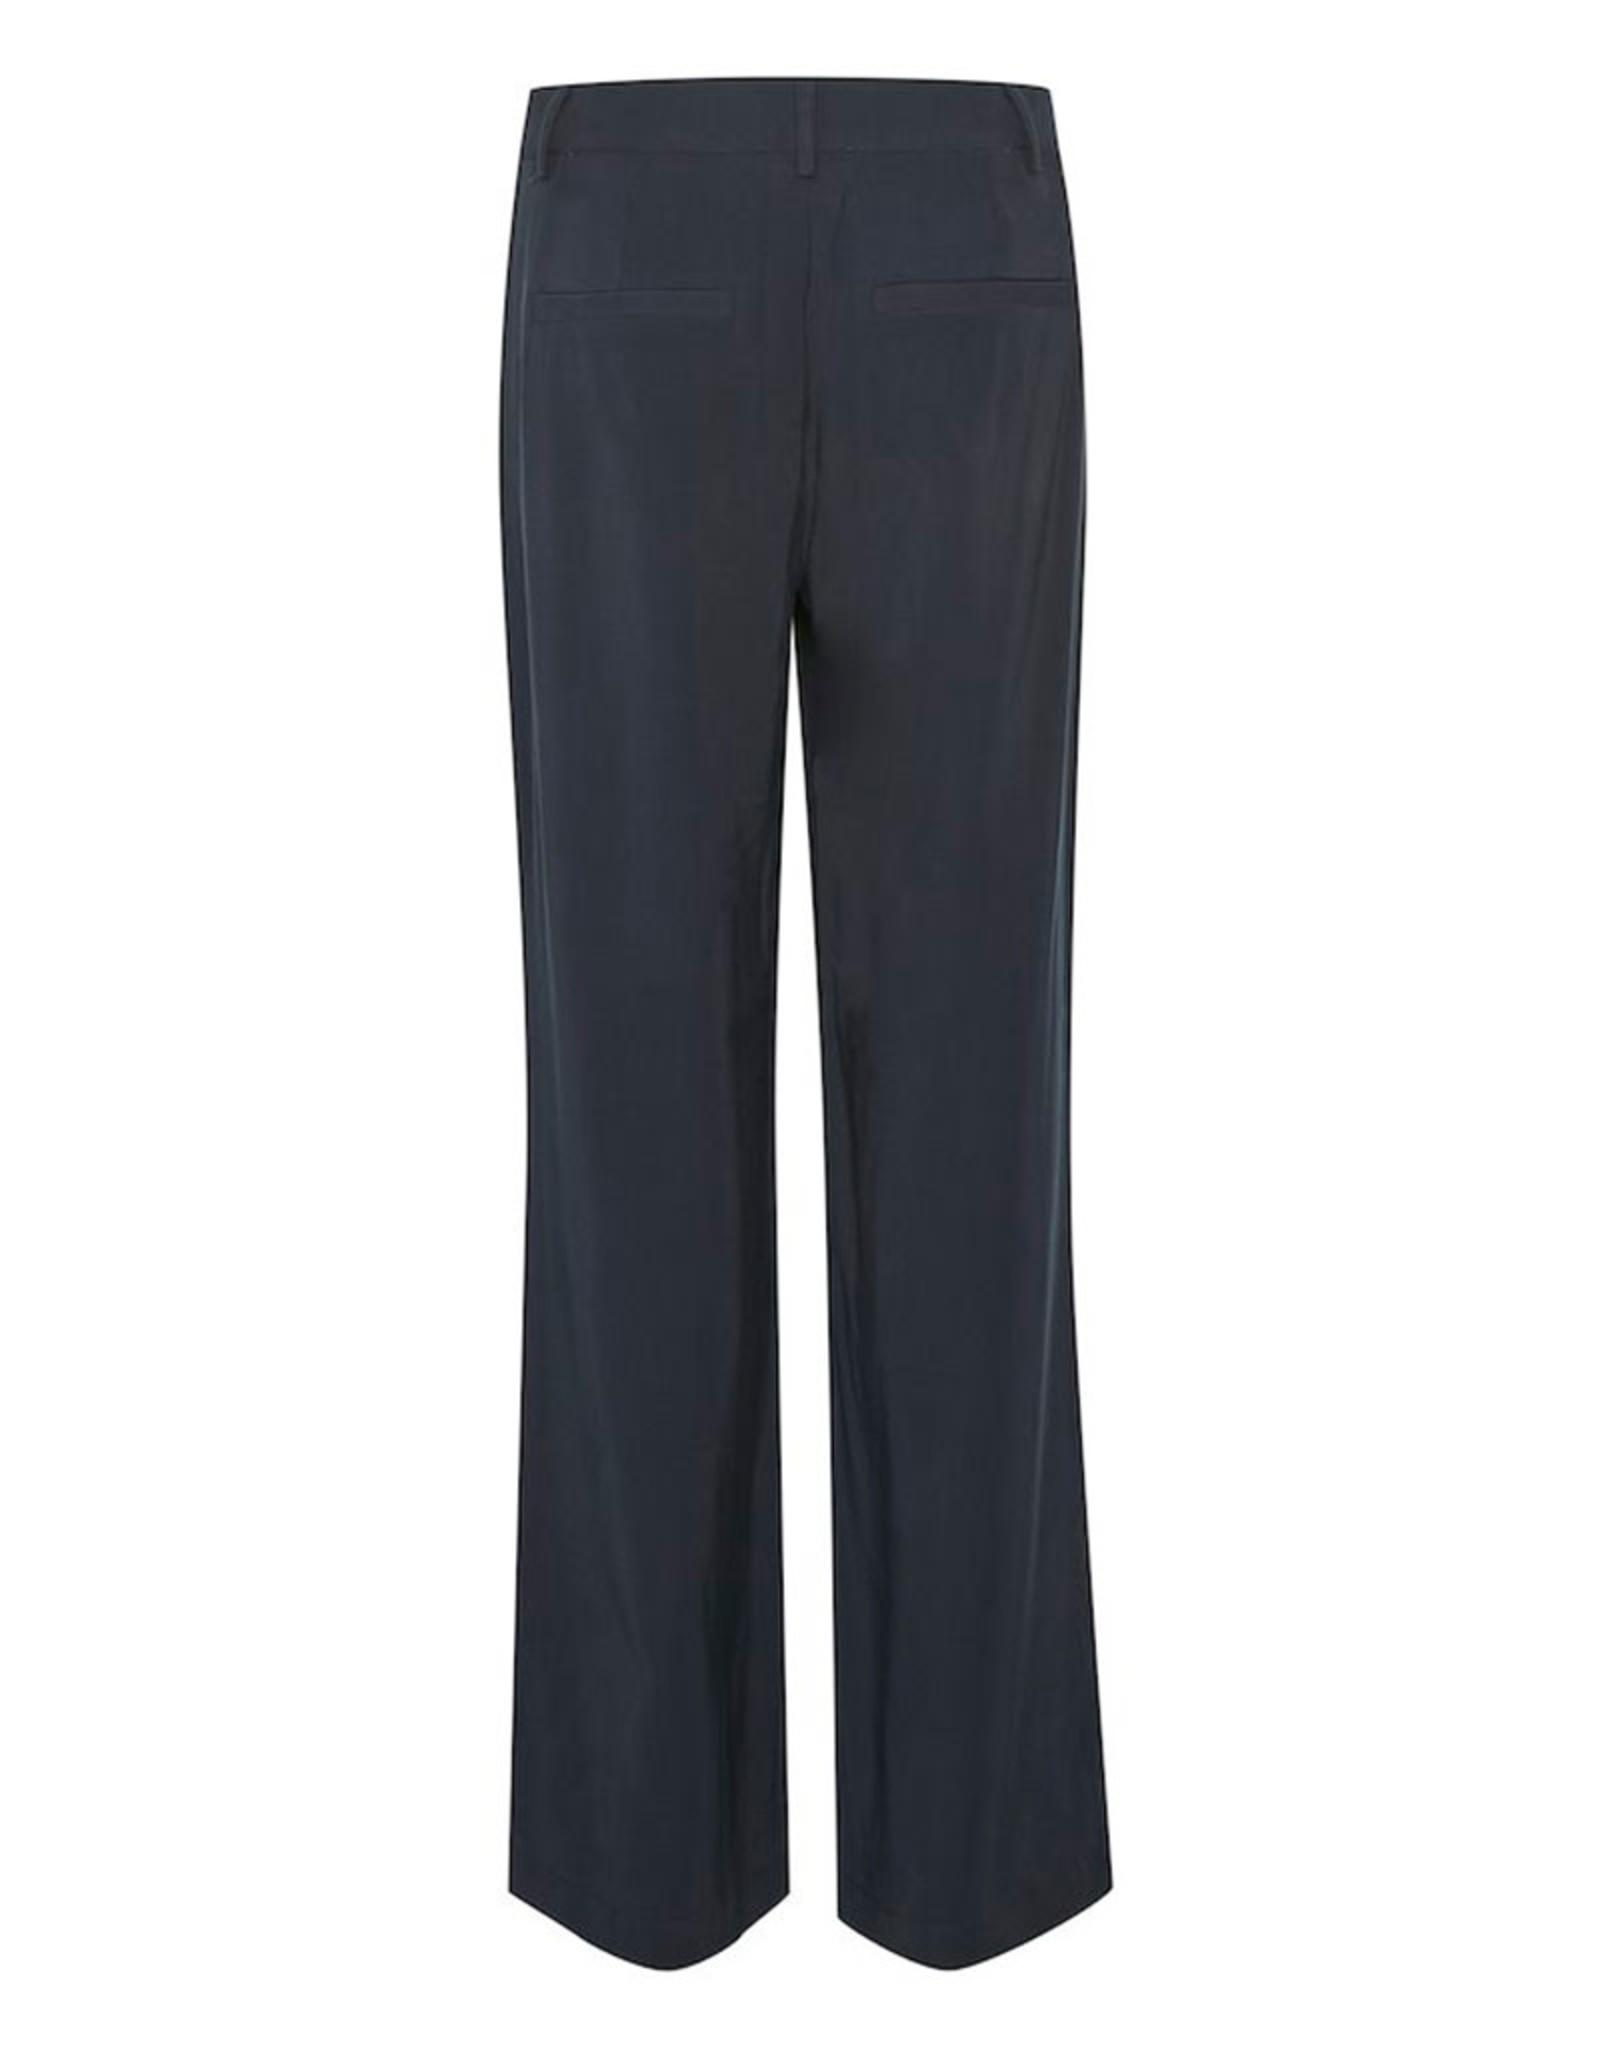 My Essential Wardrobe Louisa Pants